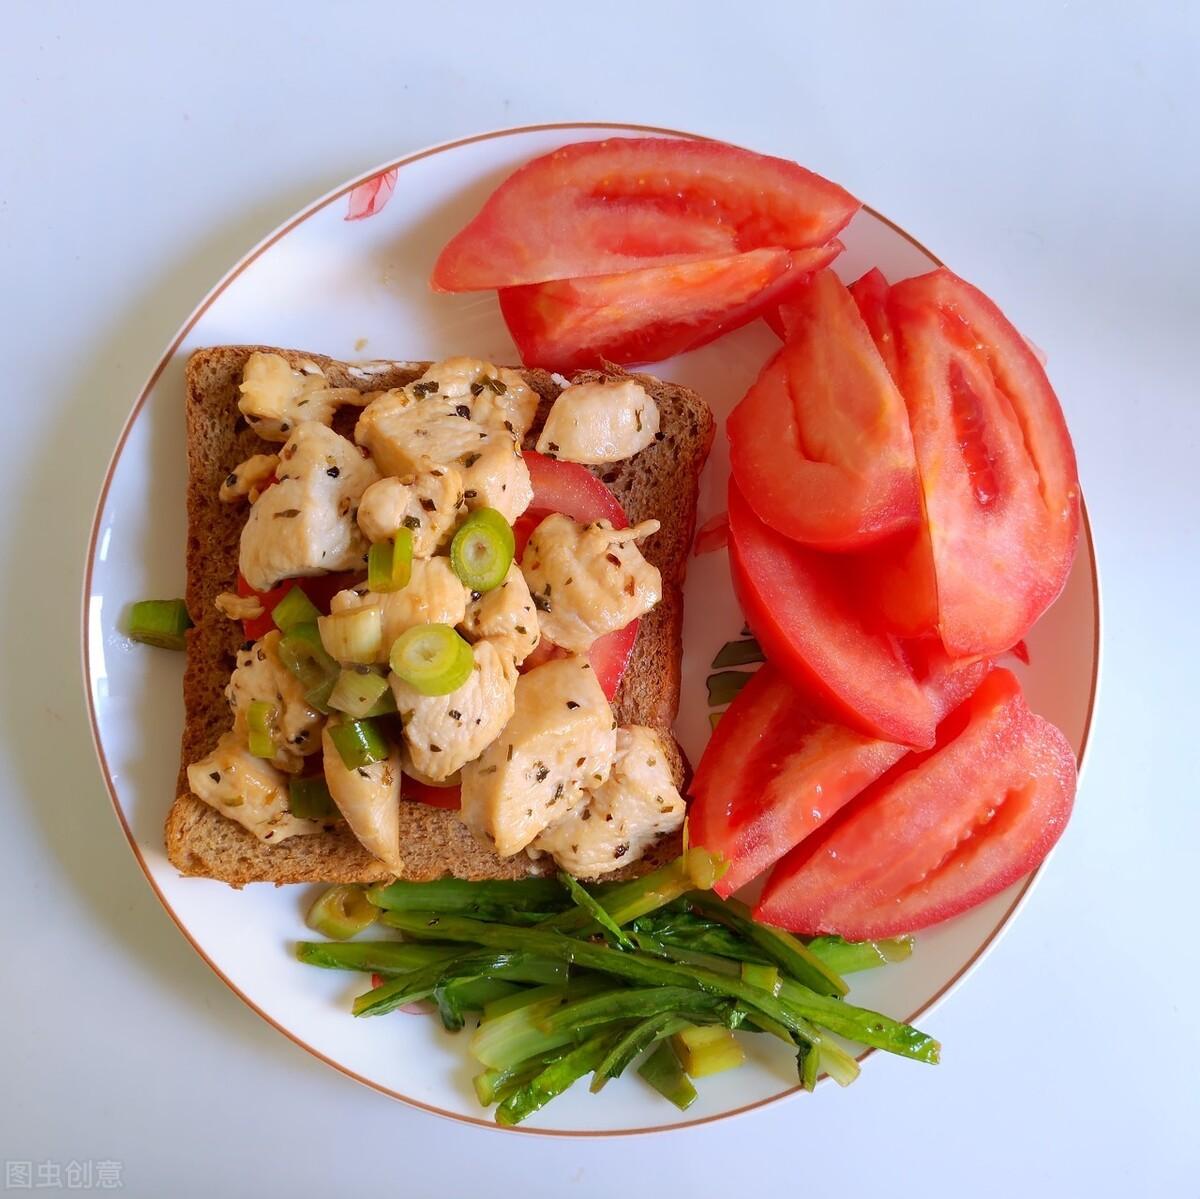 科学的减脂餐,牢记3个原则!附:一日三餐减肥食谱 减脂餐 第3张